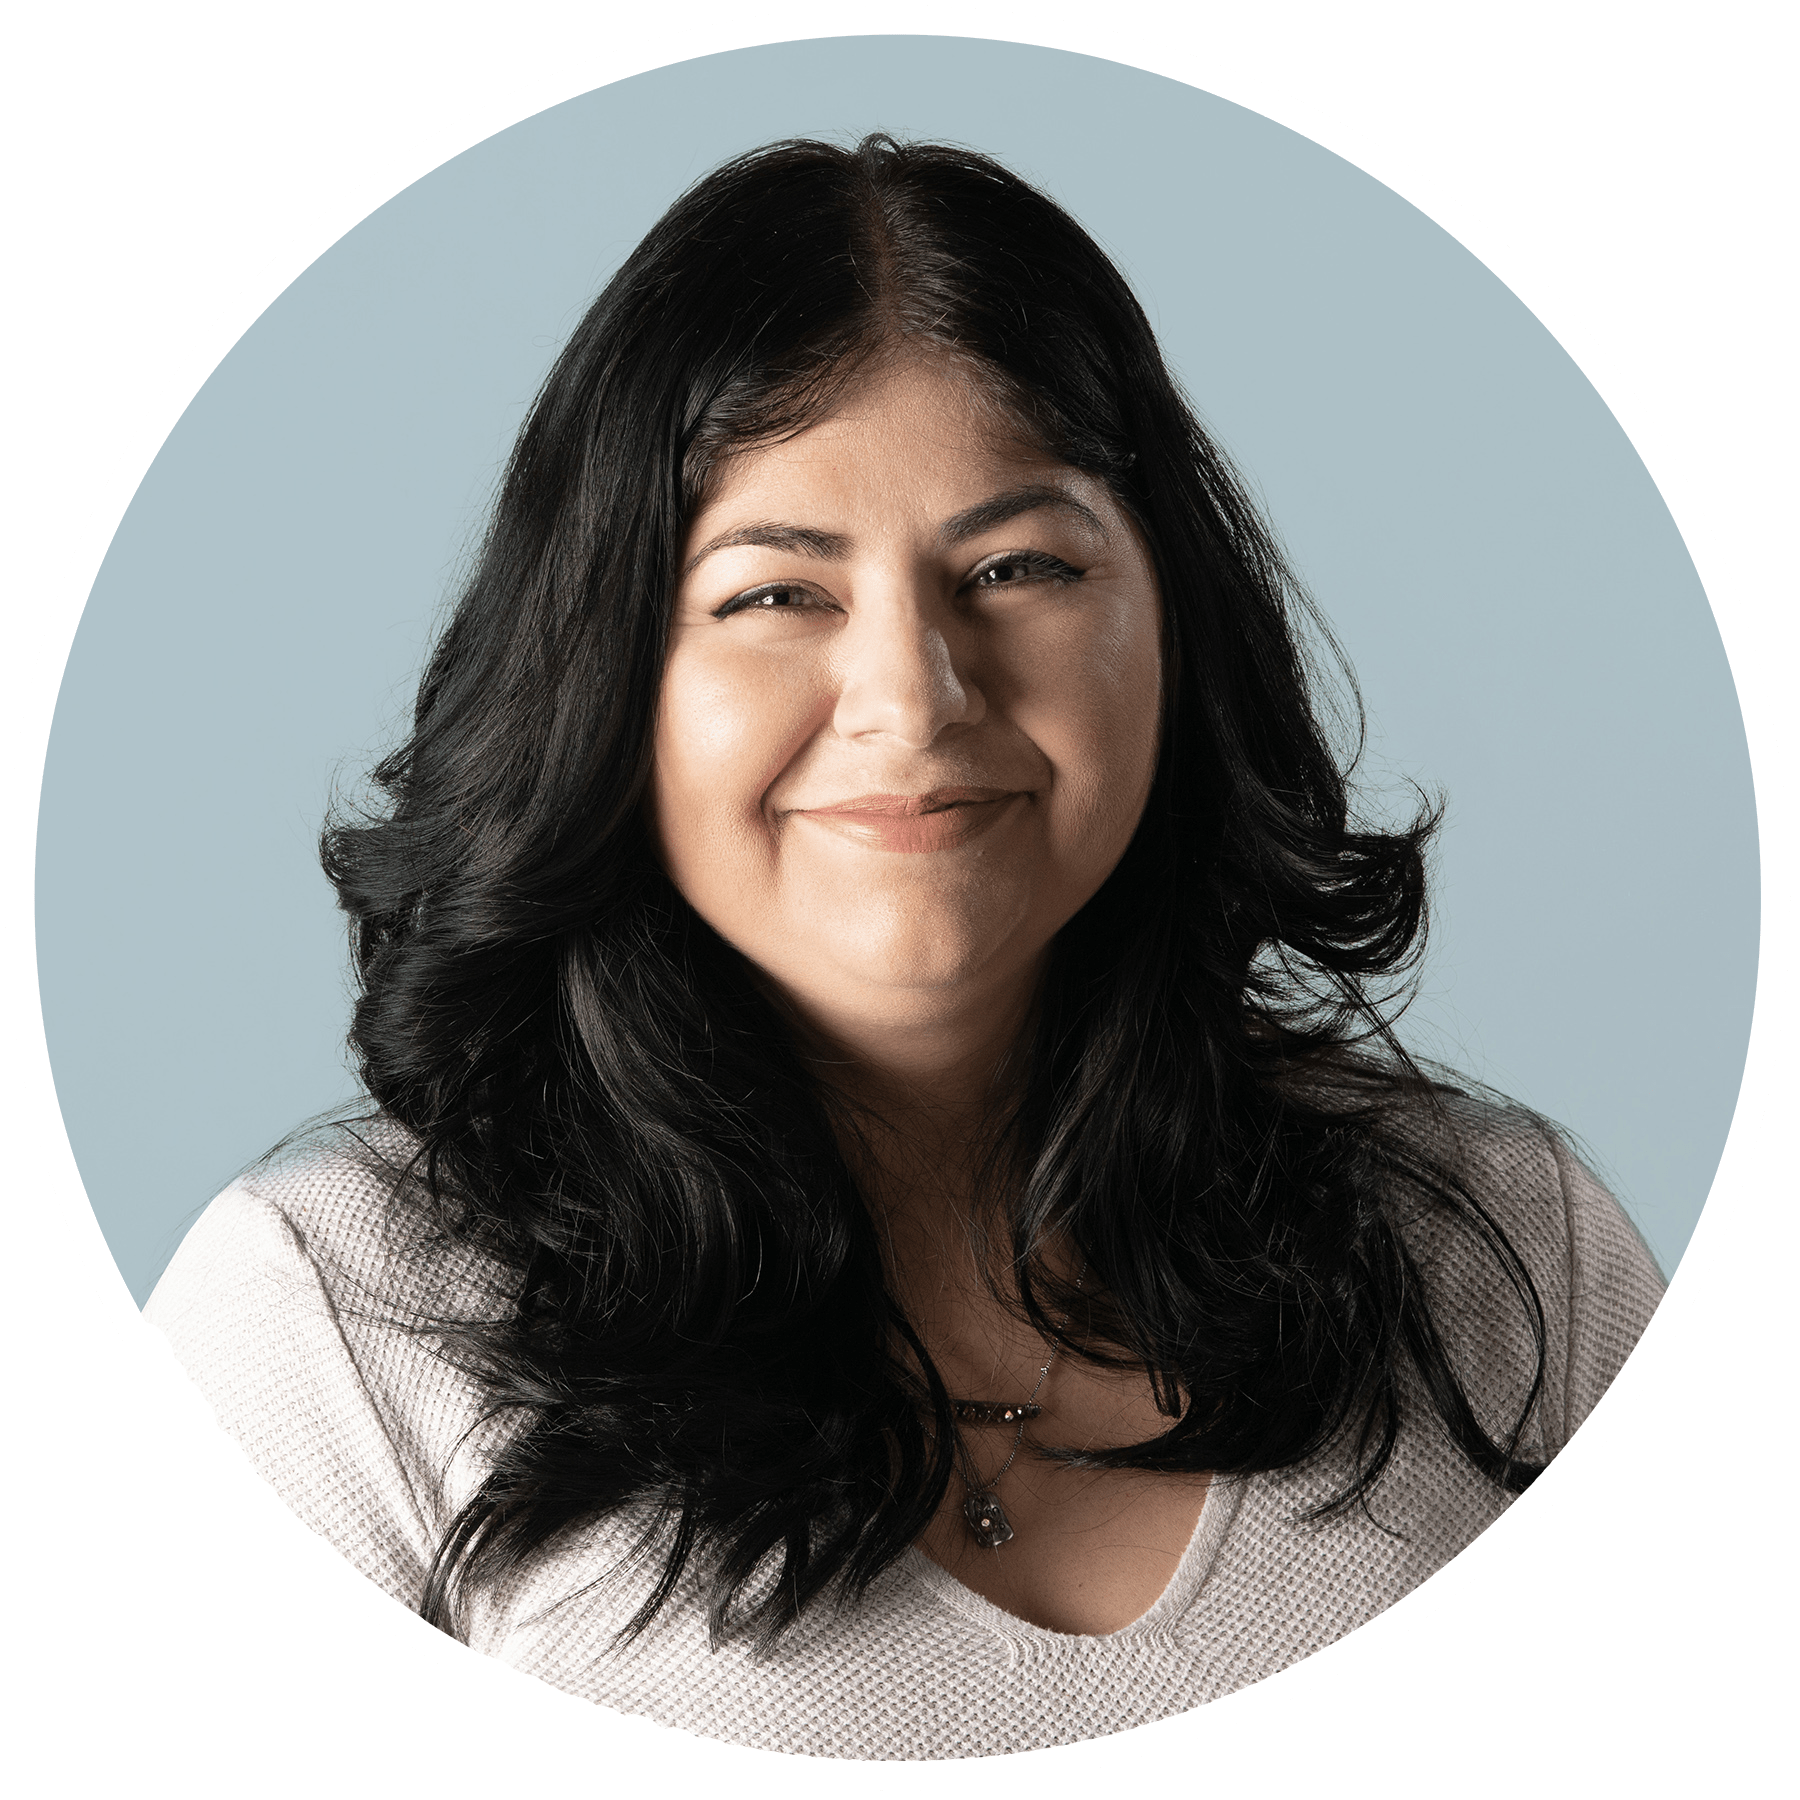 Dr. Mayra Austin